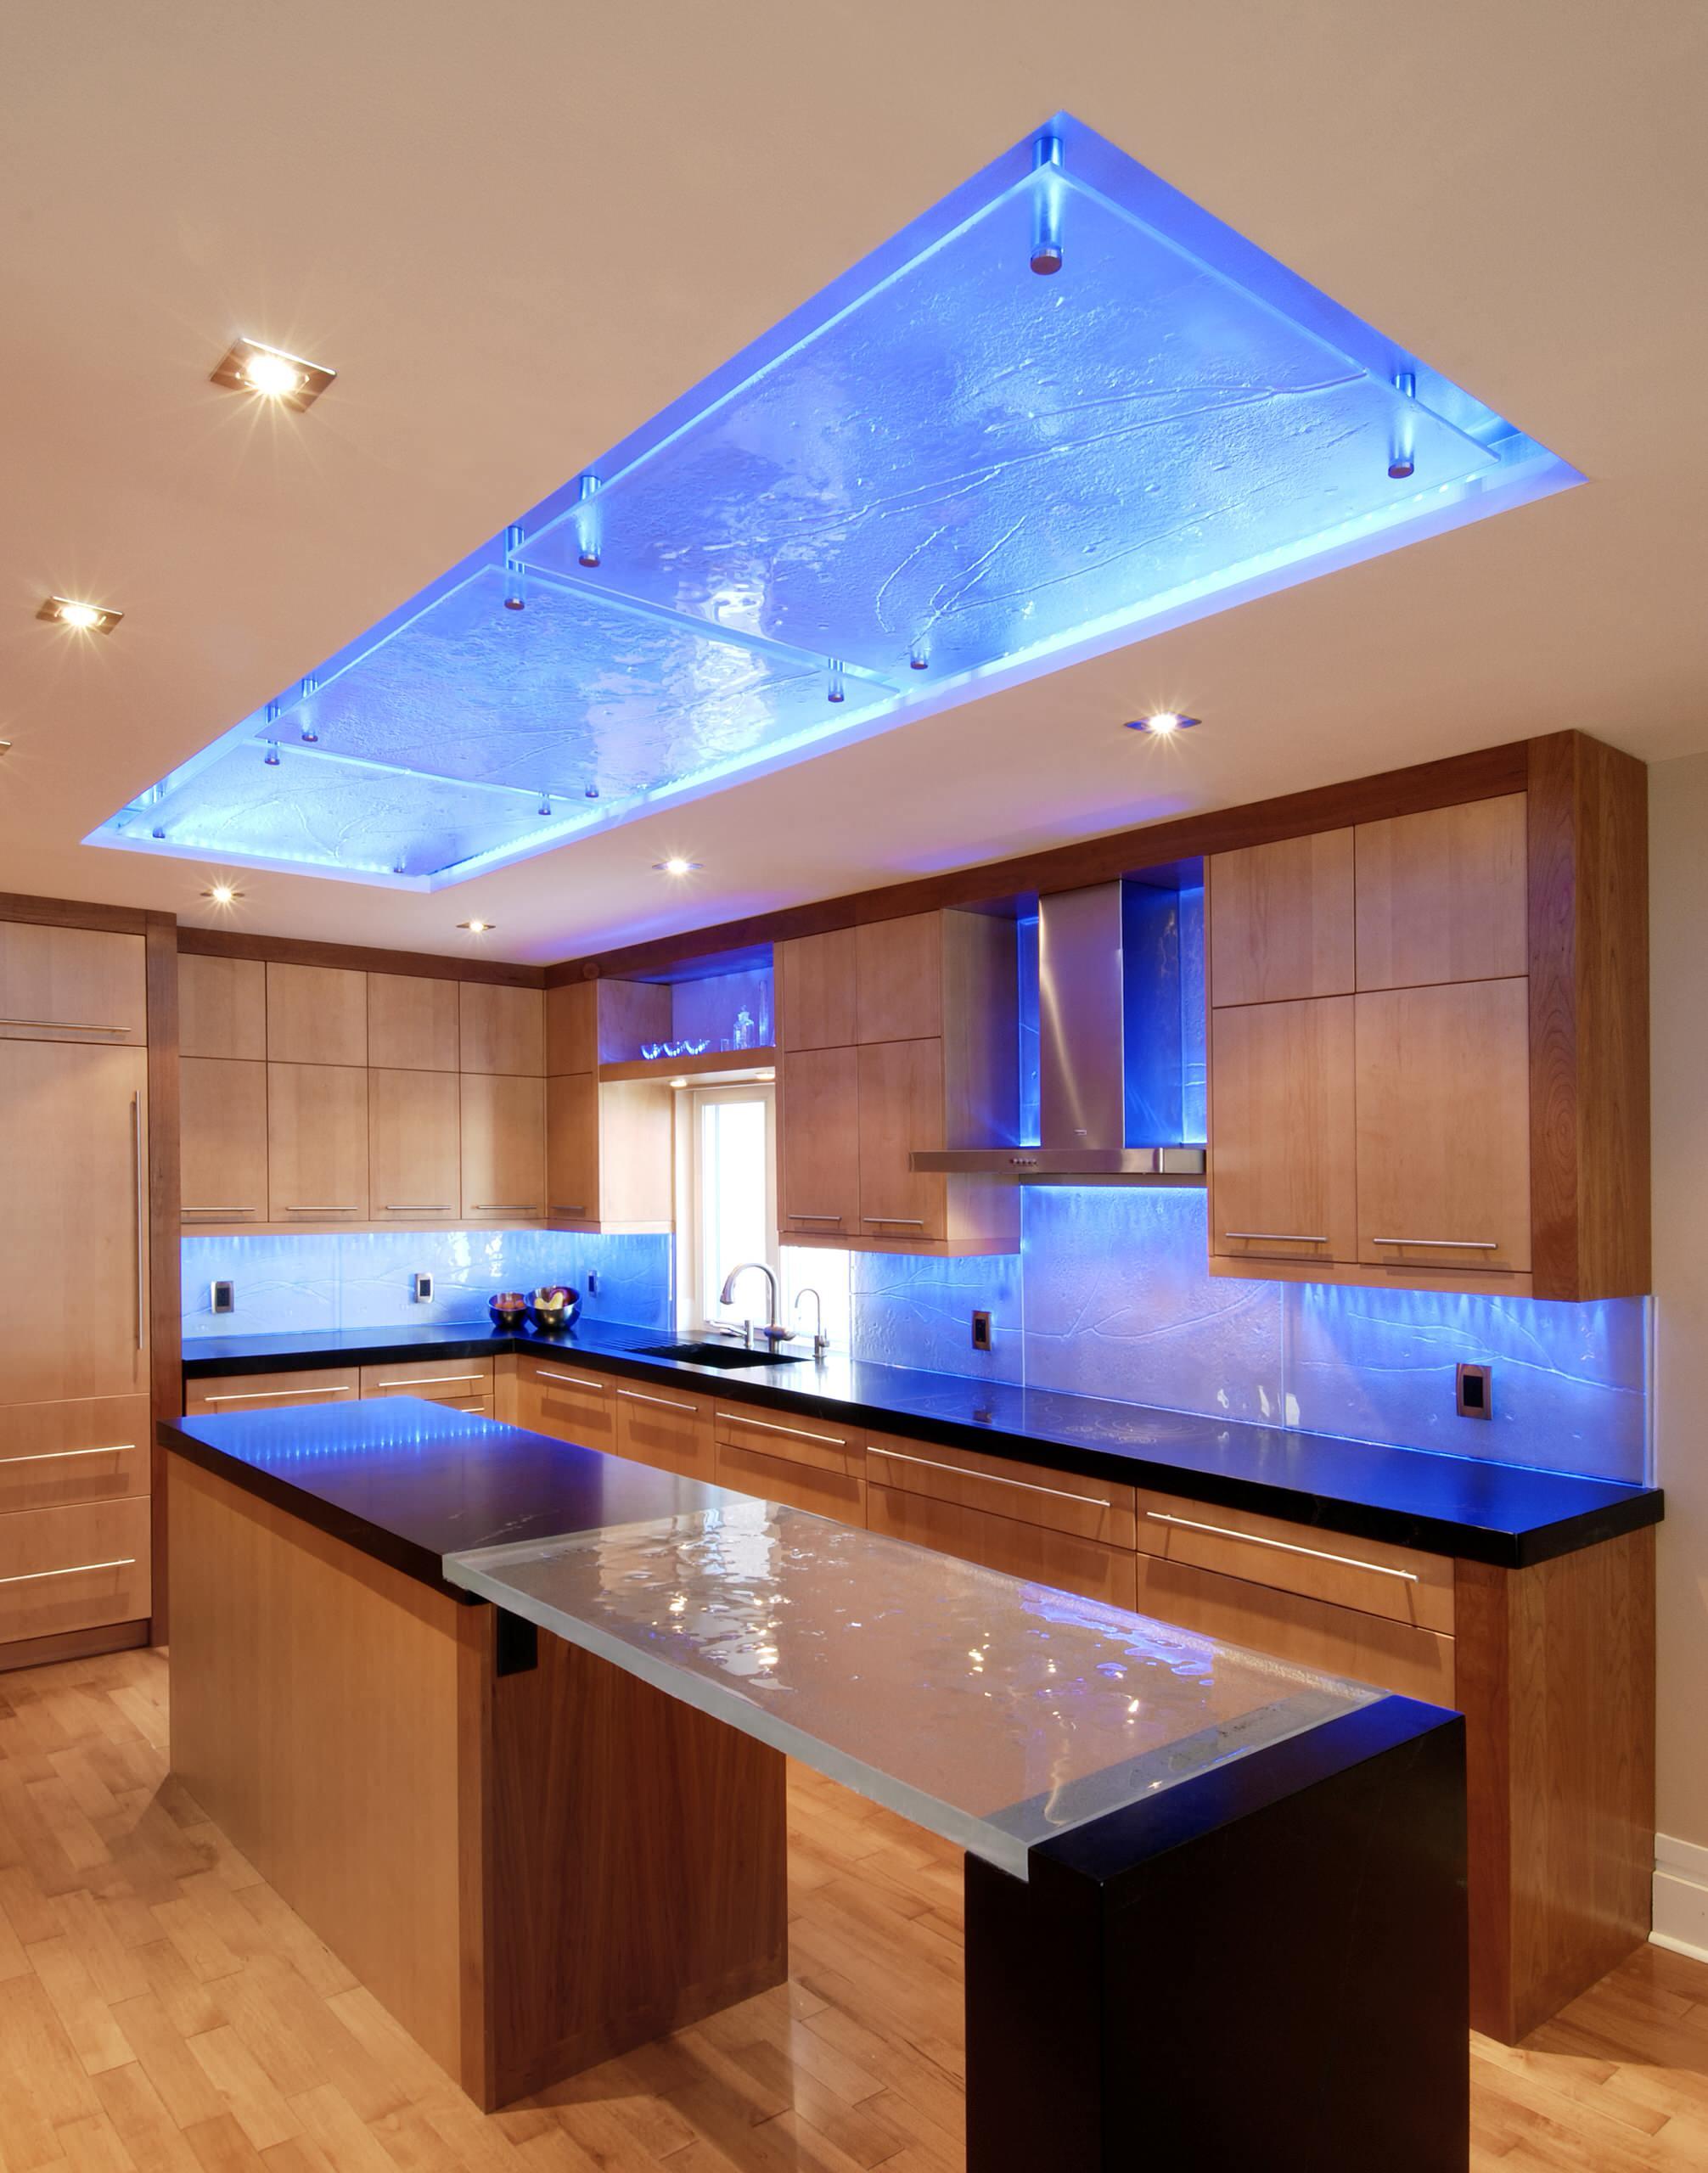 Освещение кухни LED-лампами